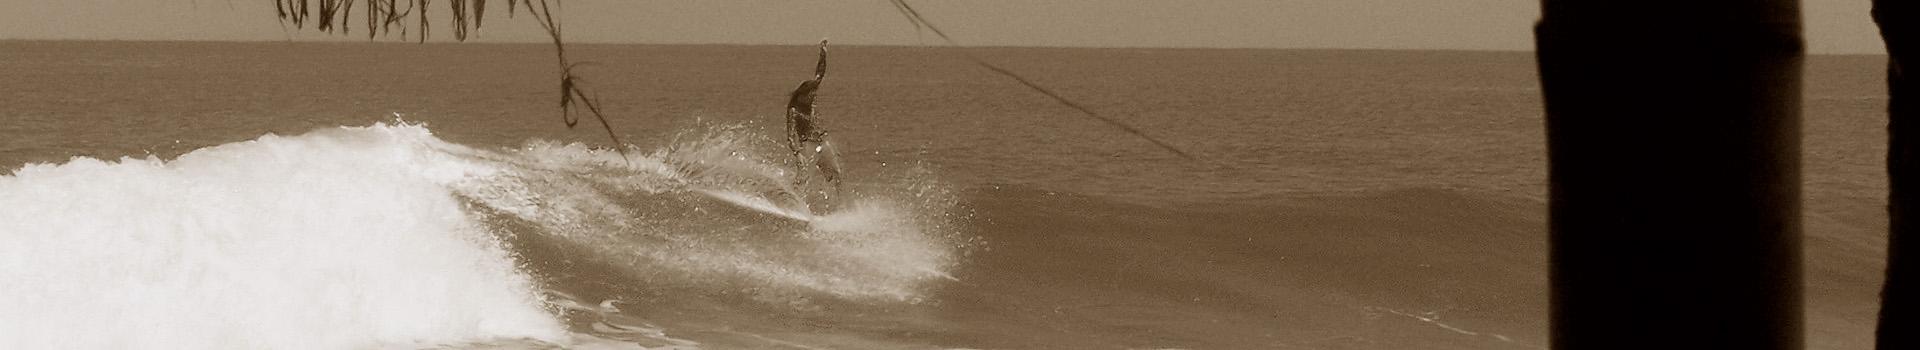 Wellenreiten in der Karibik